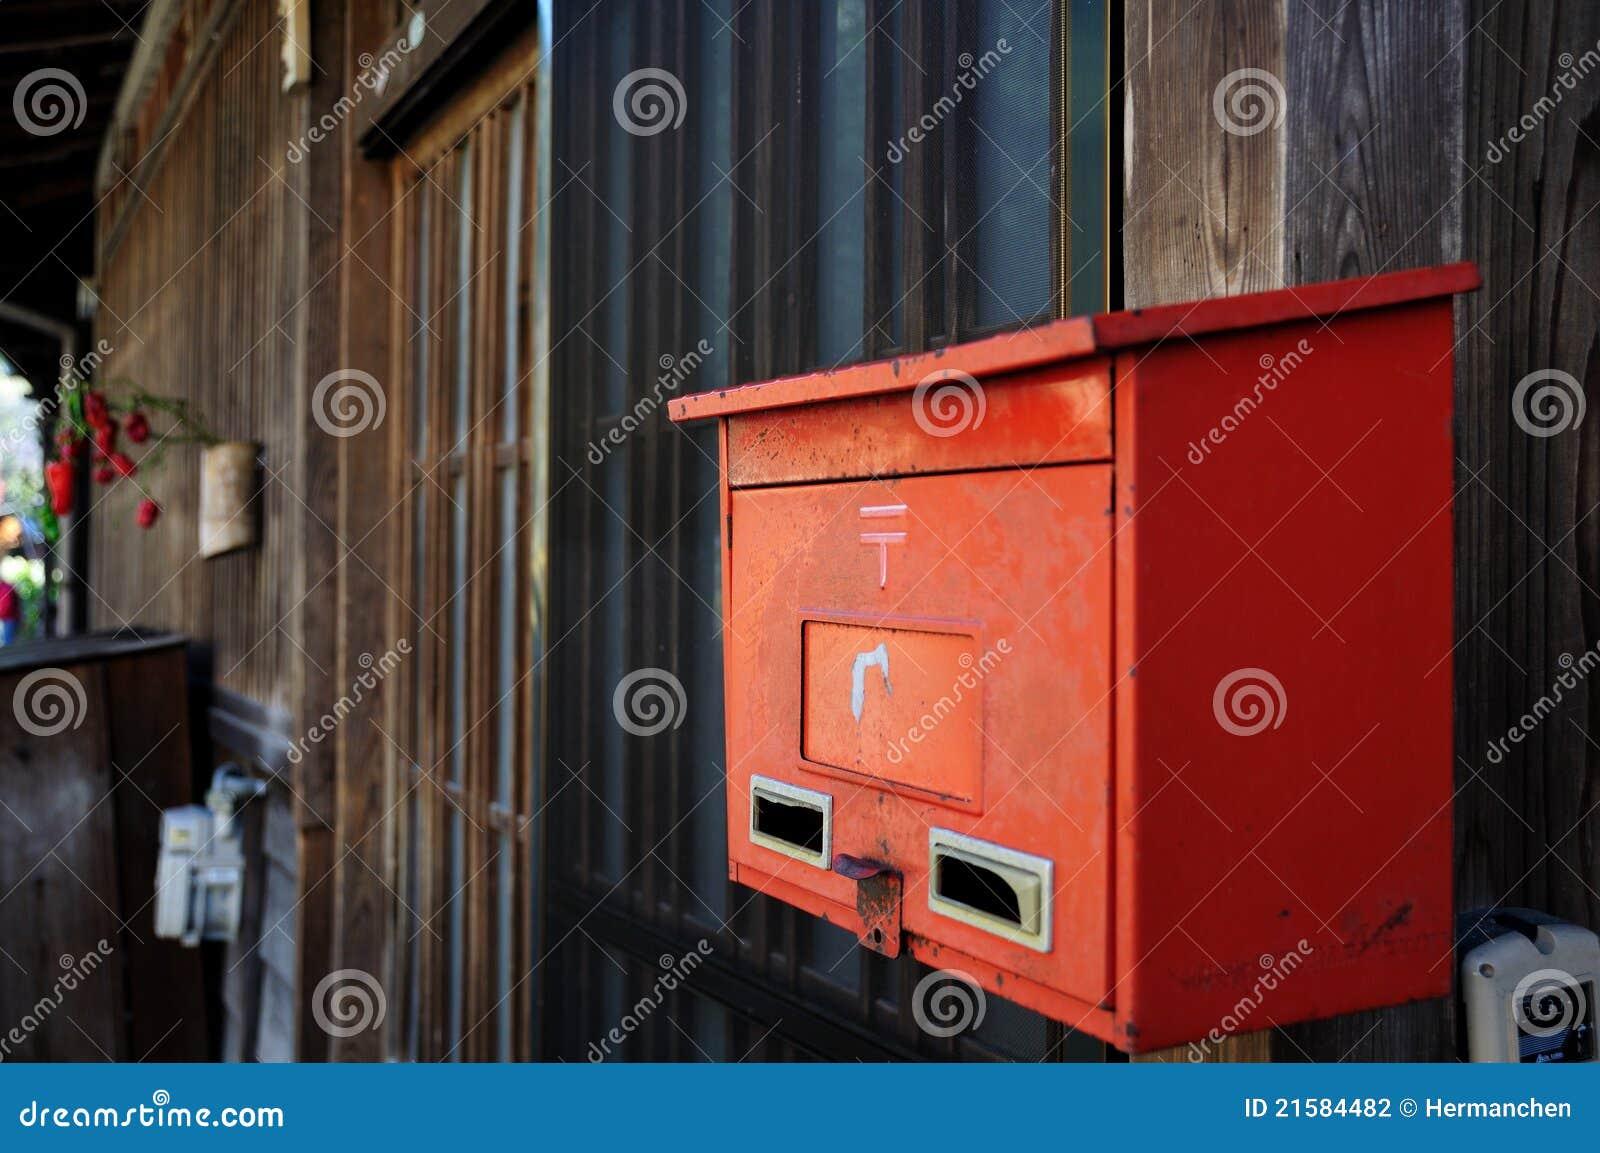 Vieille bo te aux lettres du japon photographie stock image 21584482 - Vieille boite aux lettres ...